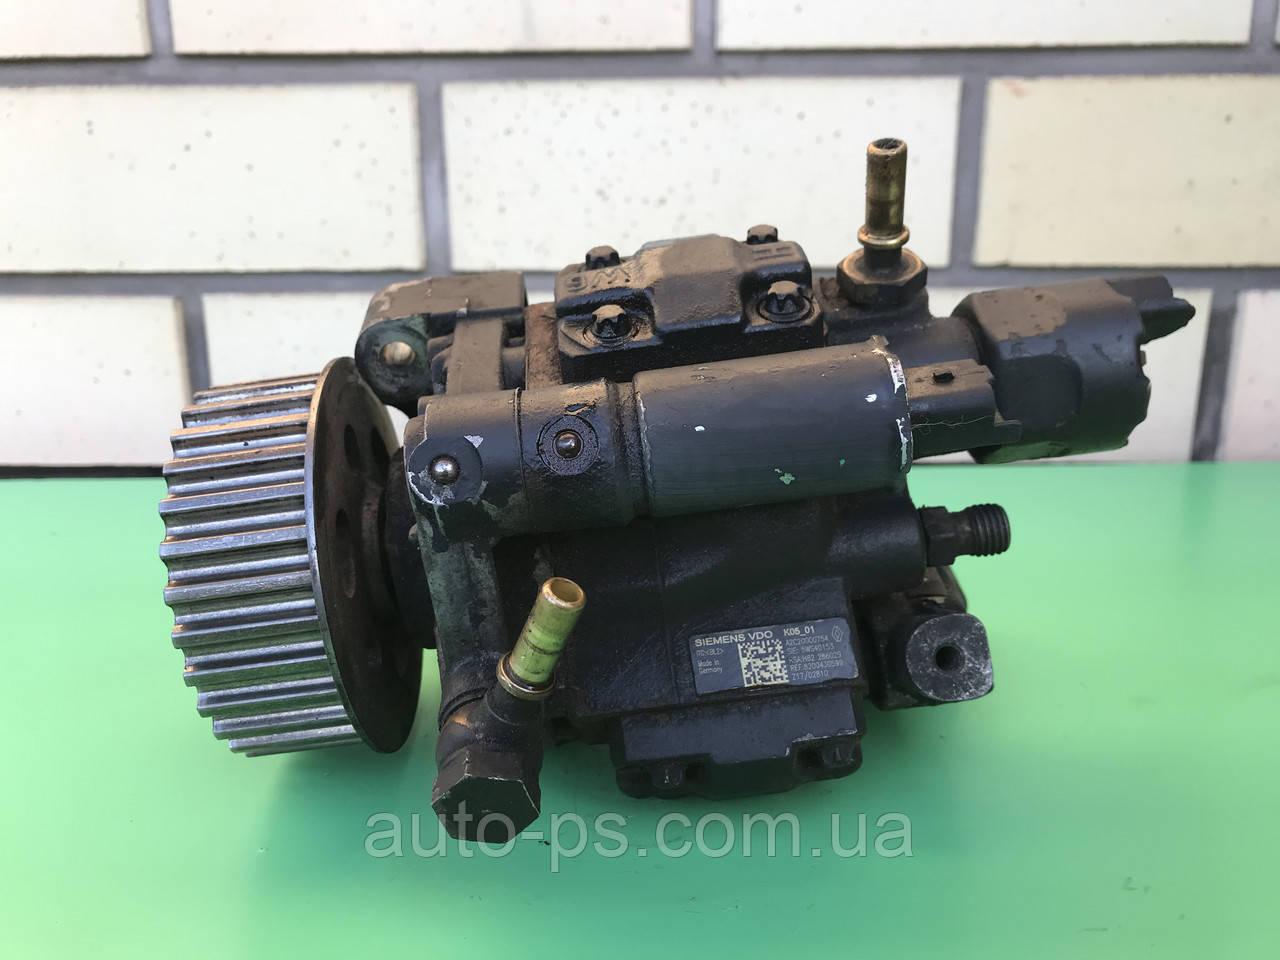 Топливный насос высокого давления (ТНВД) Renault Grand Kangoo 1.5dCi